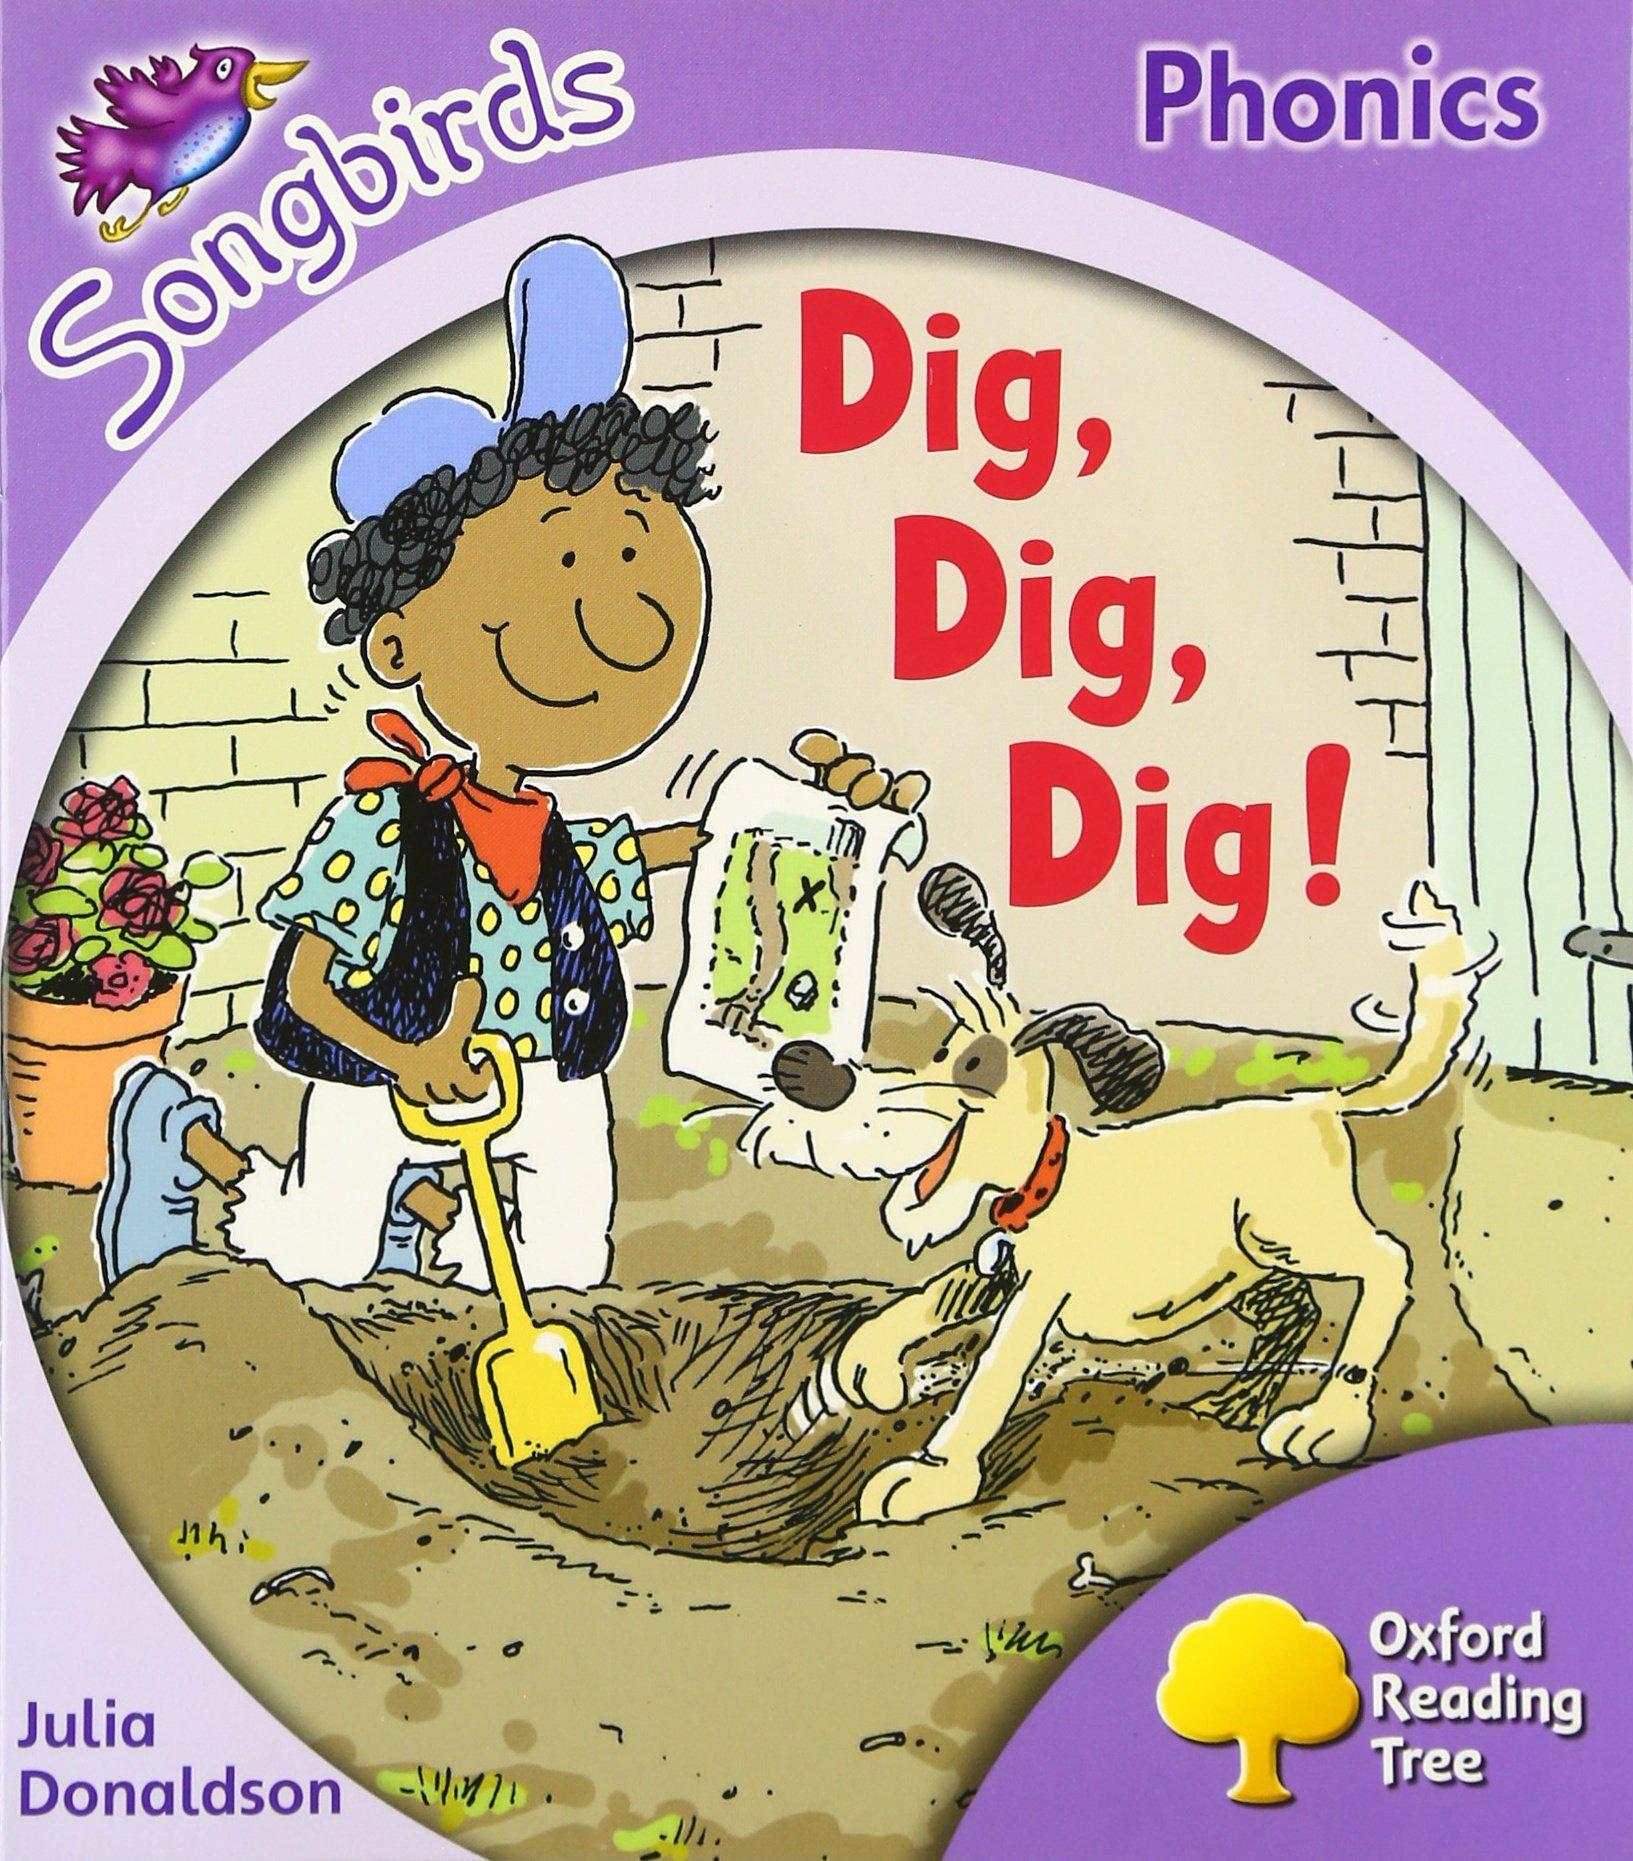 Dig, Dig, Dig!